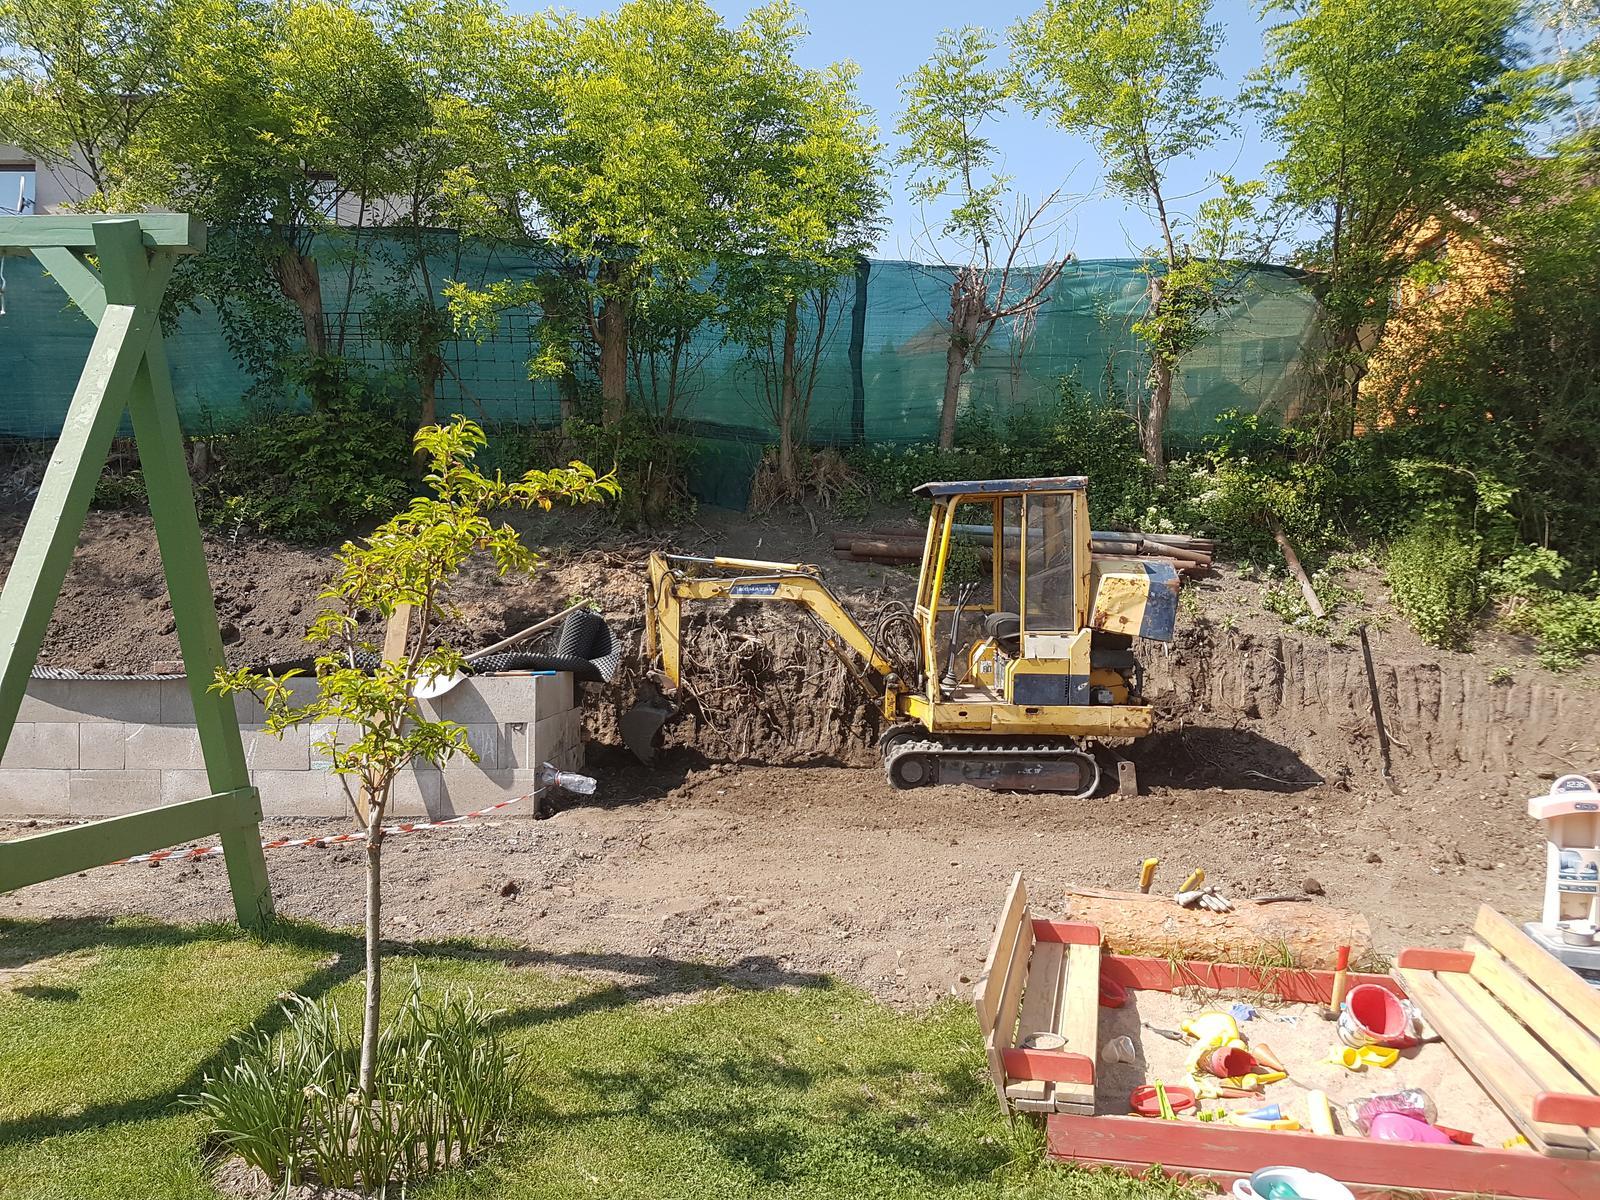 Drevník a kafé kútik - projekt roku  2018 - Bagrujeme 2.časť - drevník